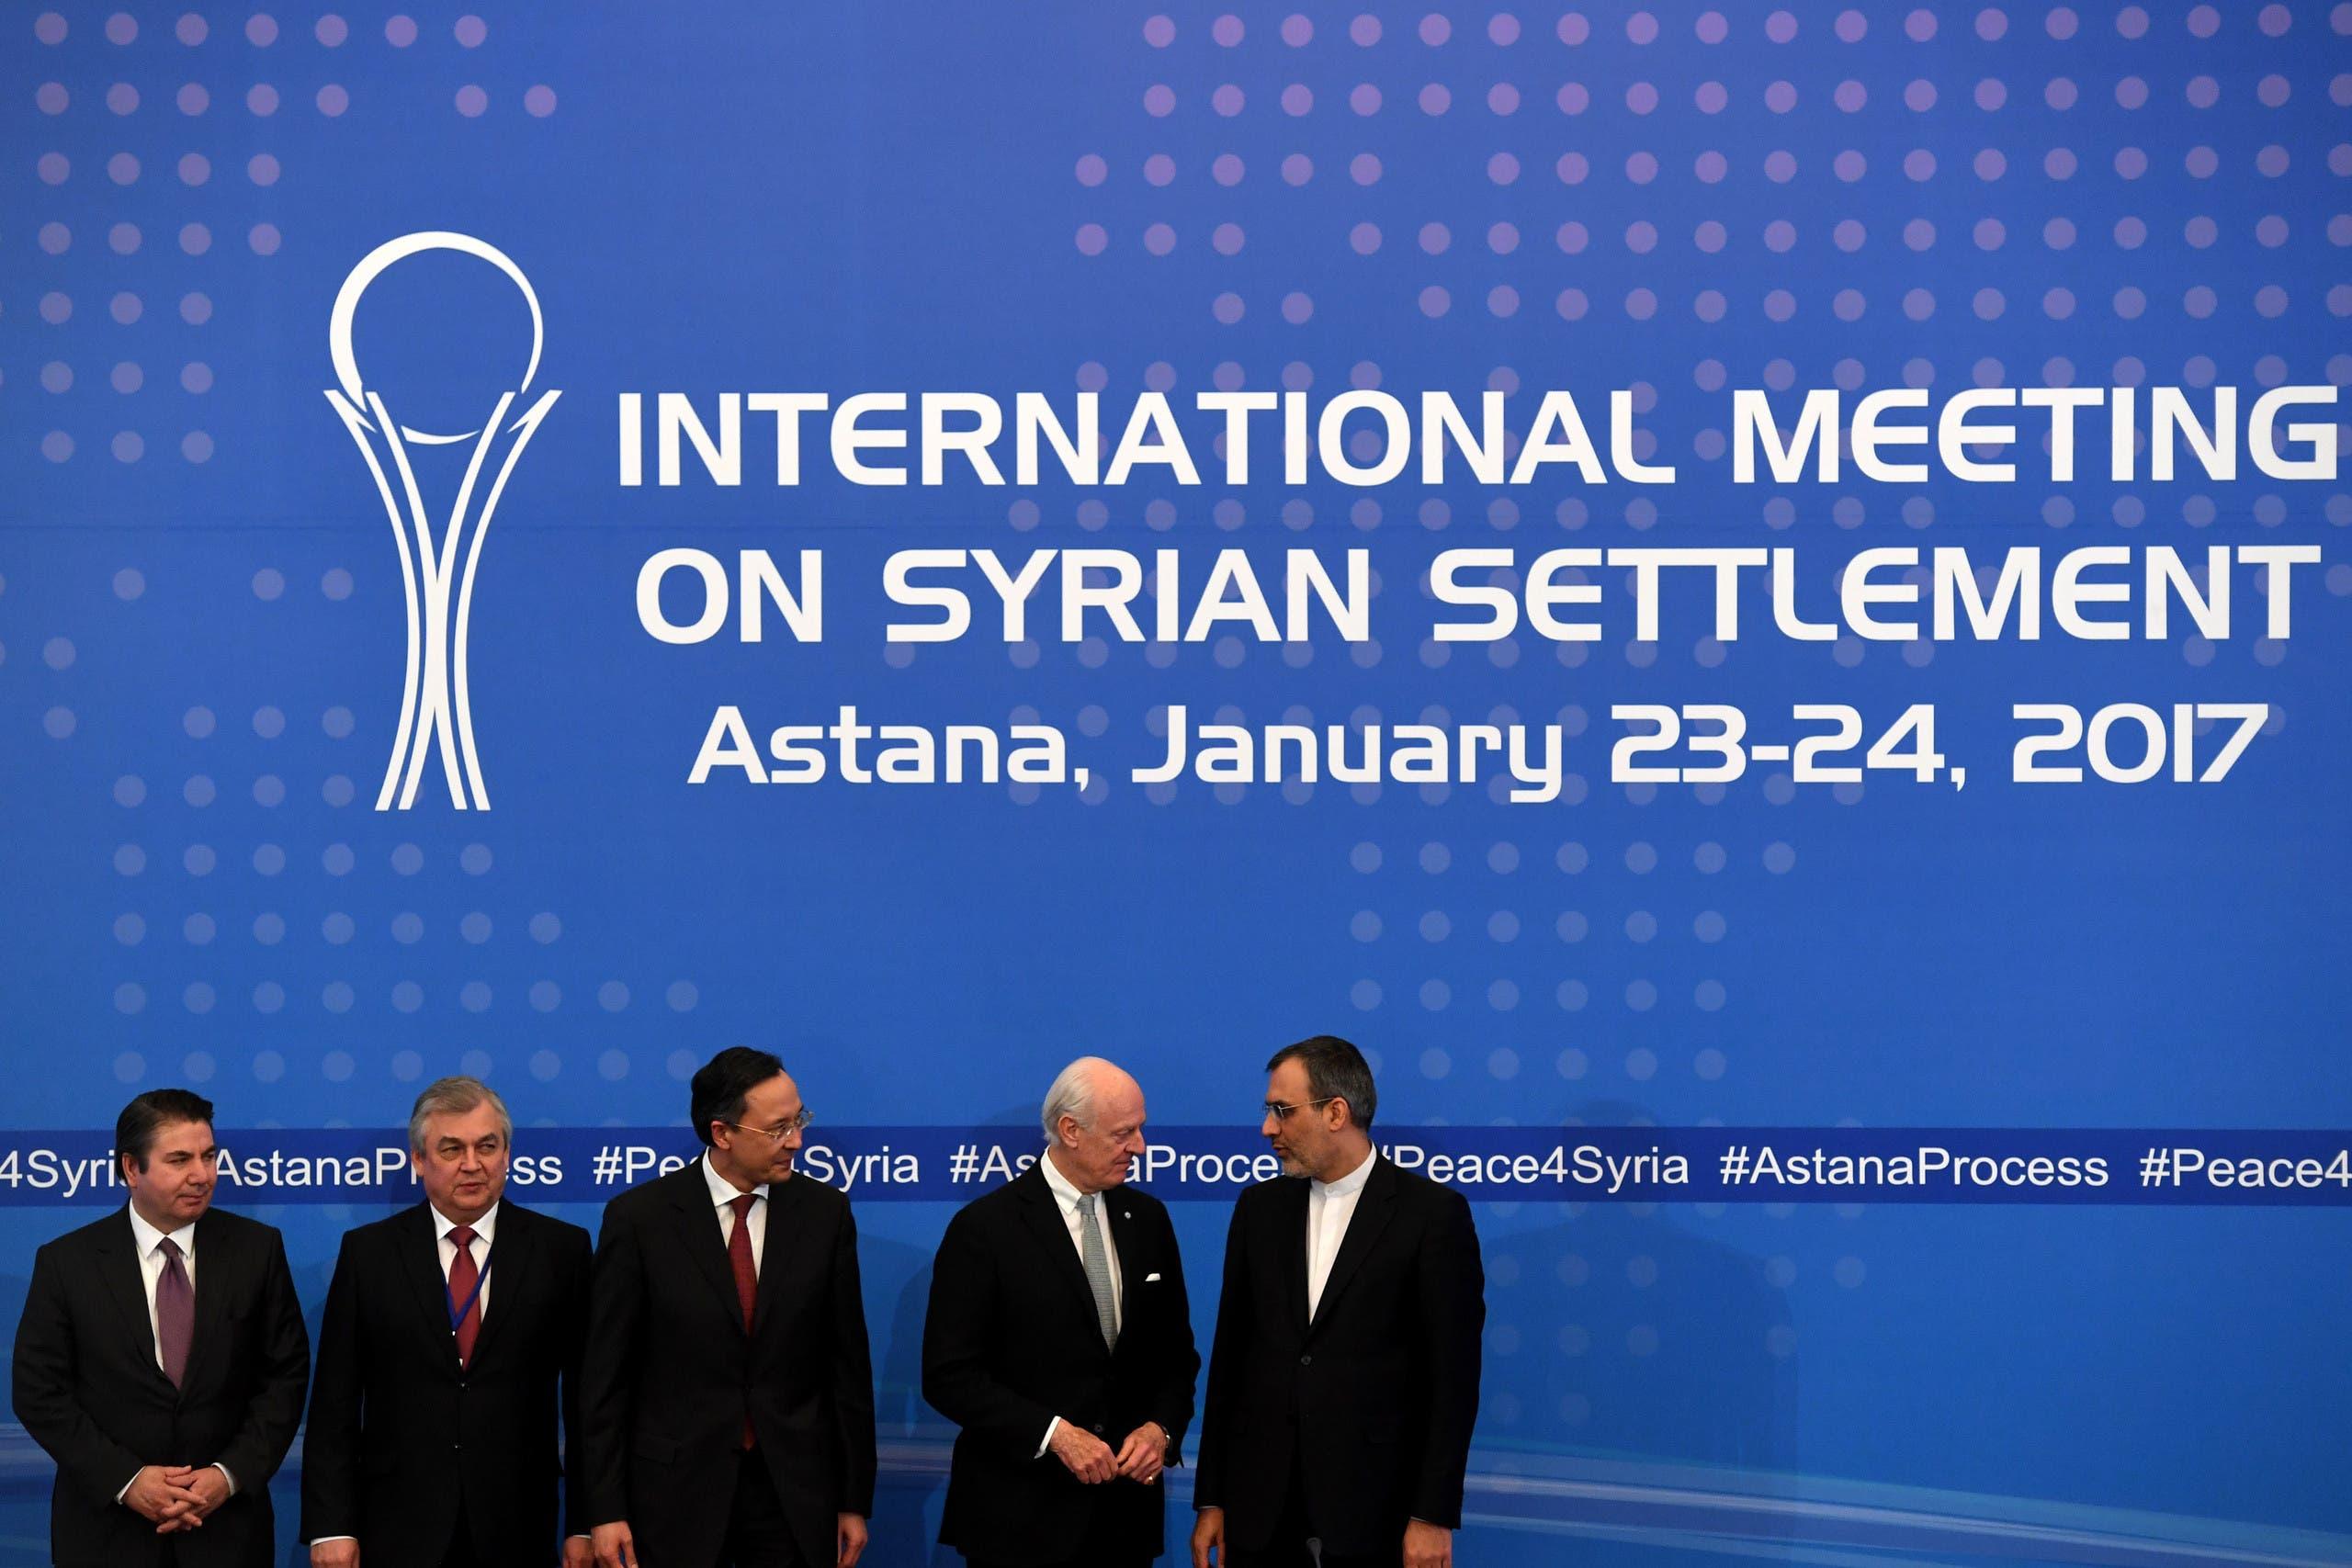 ممثلو روسيا وتركيا وإيران وكازاخستان والأمم المتحدة في المفاوضات